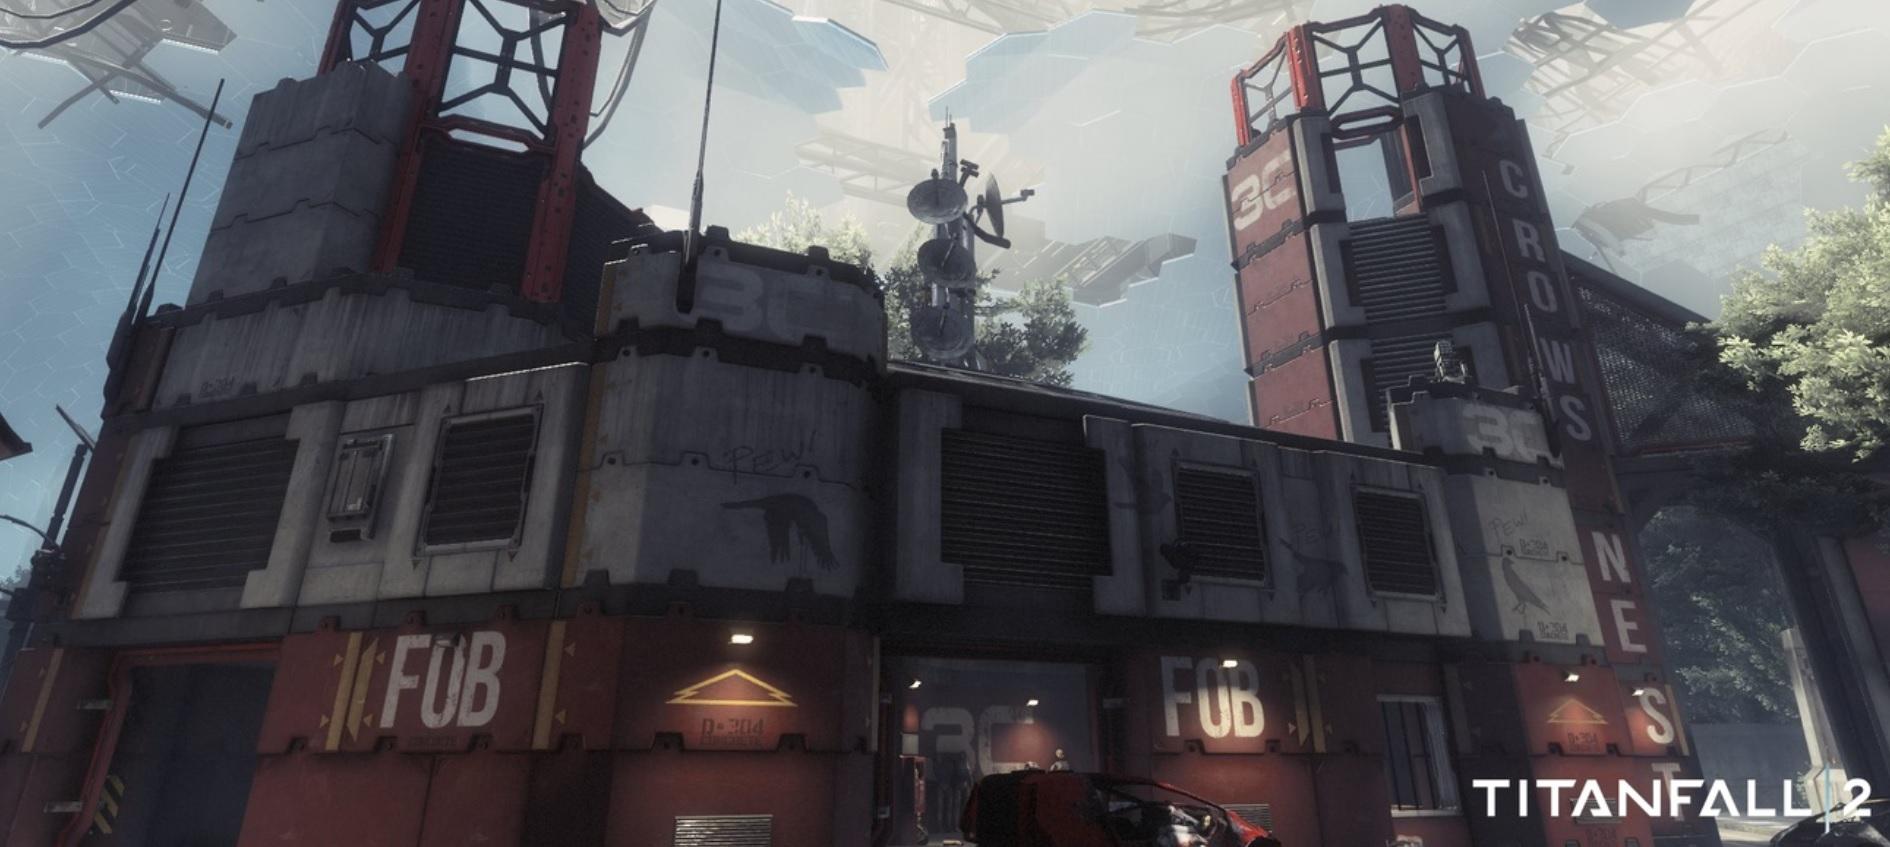 Titanfall 2: Nach negativem Spieler-Feedback kommen einige Veränderungen – schon morgen!